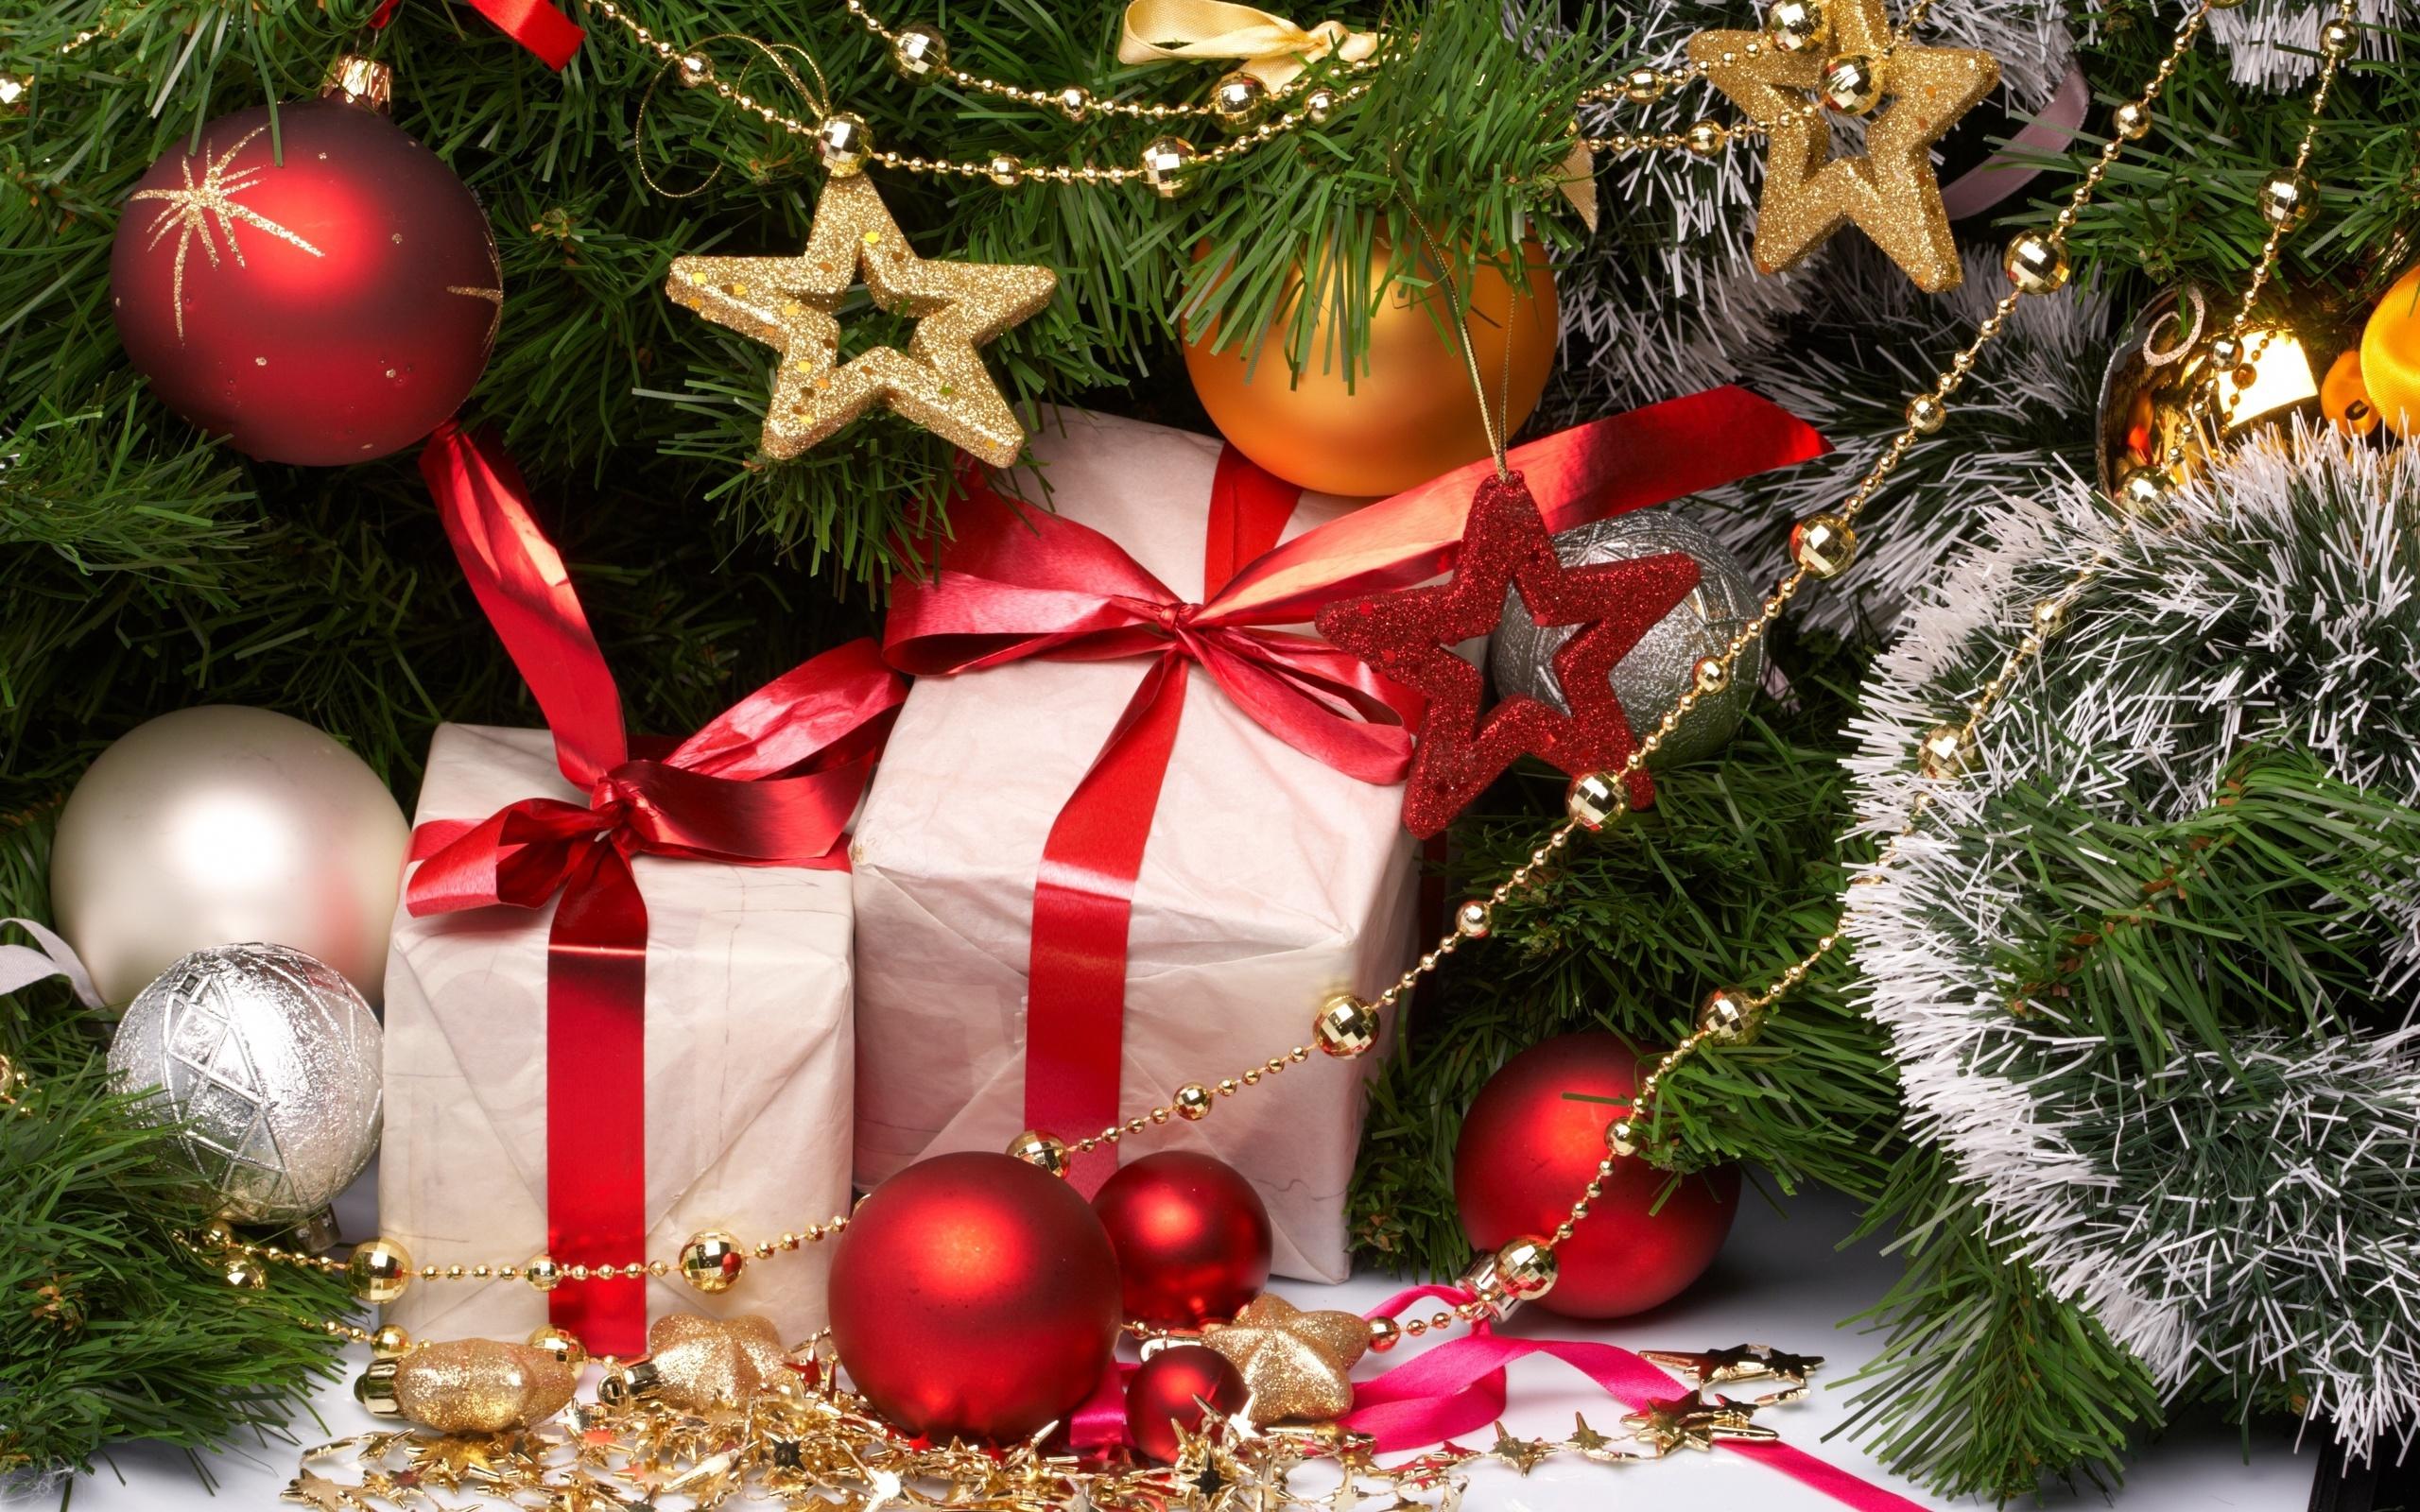 Новогодние картинки с подарками под елкой, красивой душе